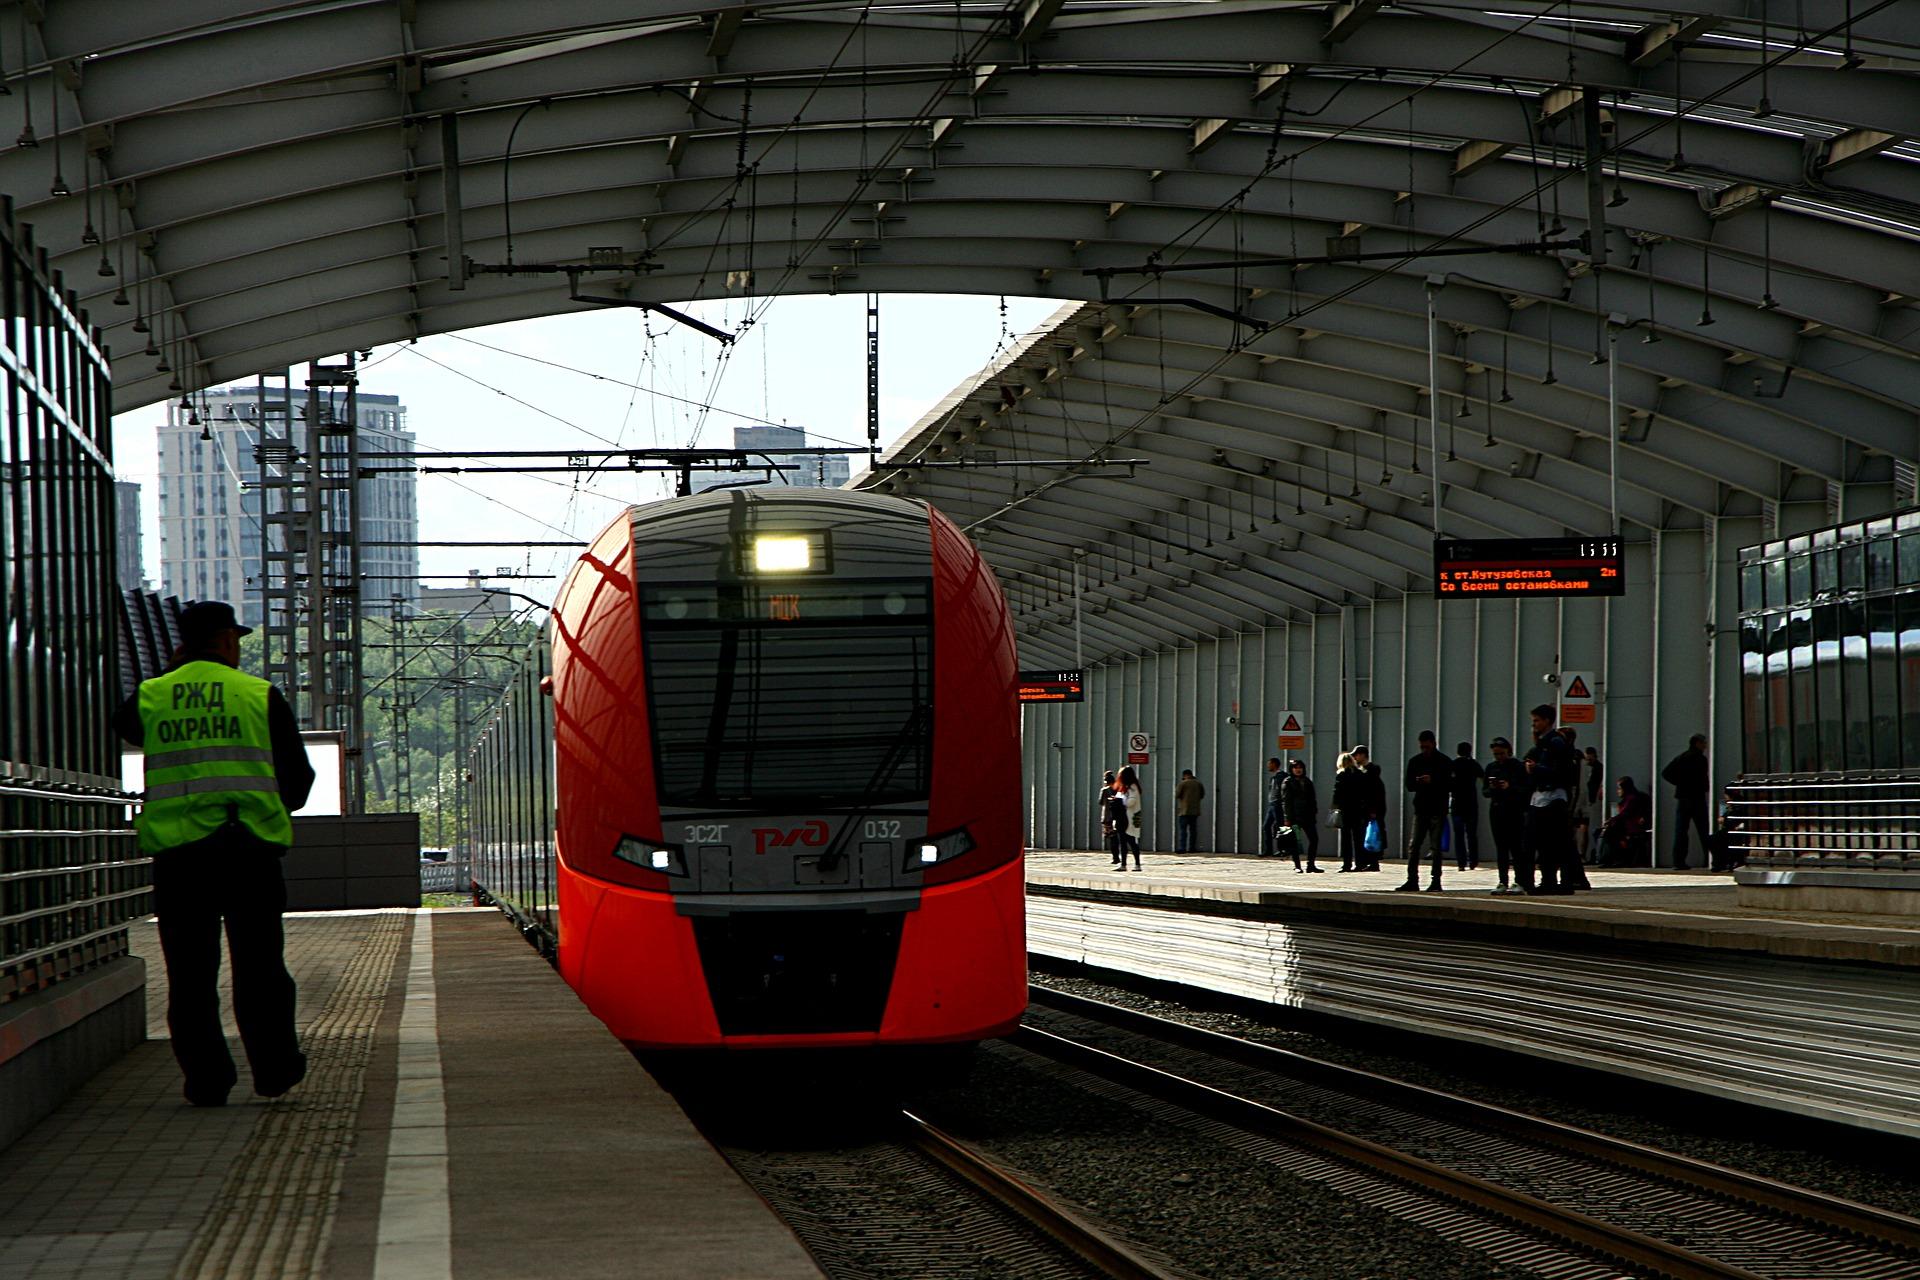 транспортная безопасность, безопасность транспортной инфраструктуры